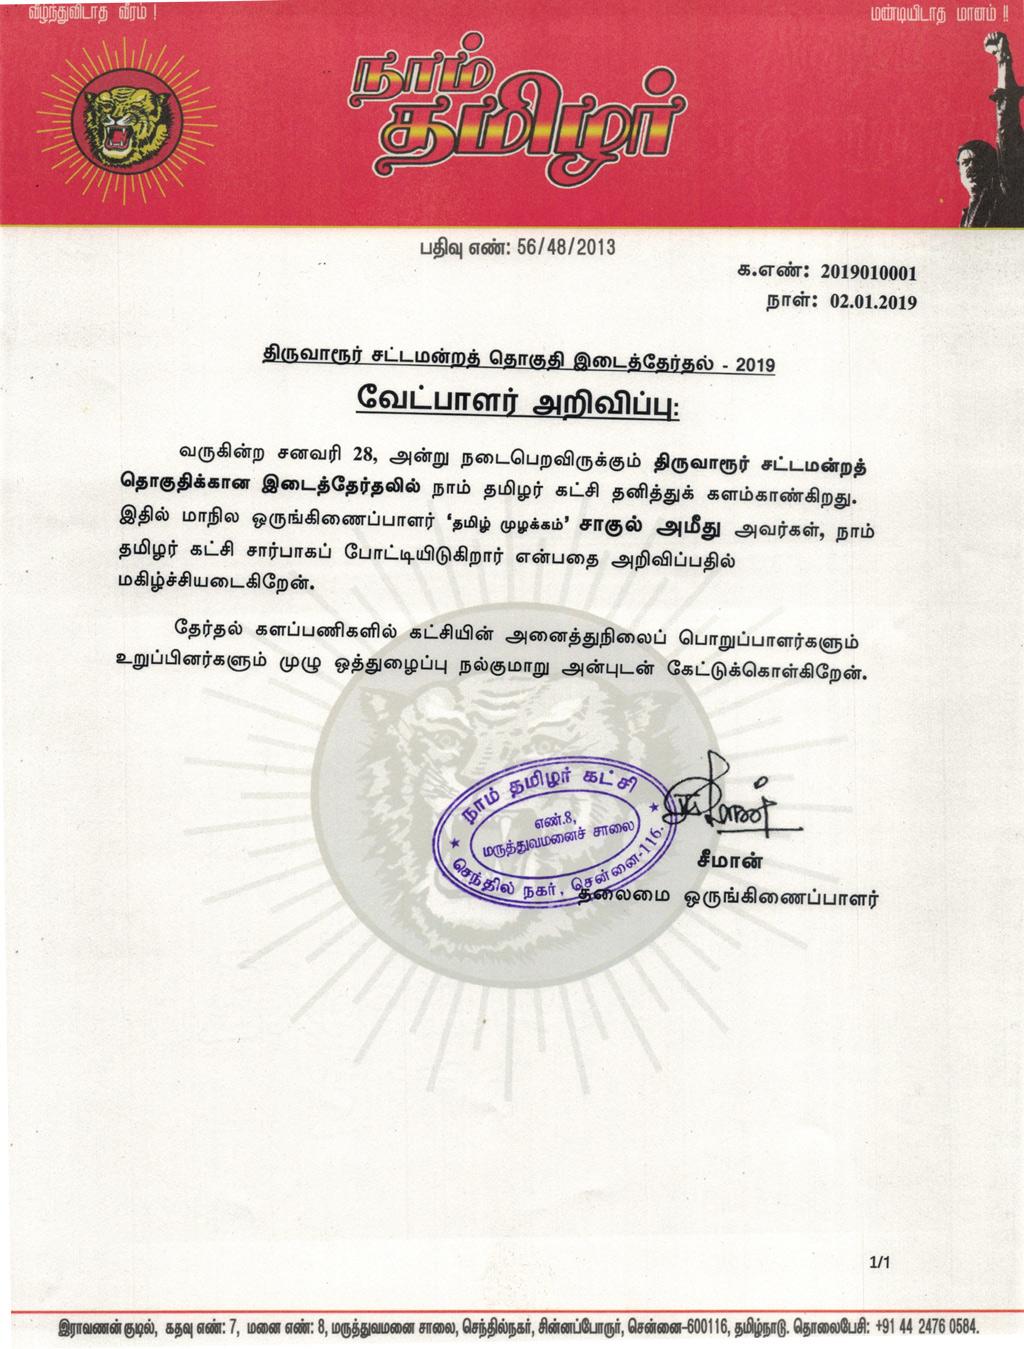 வேட்பாளர் அறிவிப்பு: திருவாரூர் சட்டமன்றத் தொகுதி இடைத்தேர்தல் - 2019